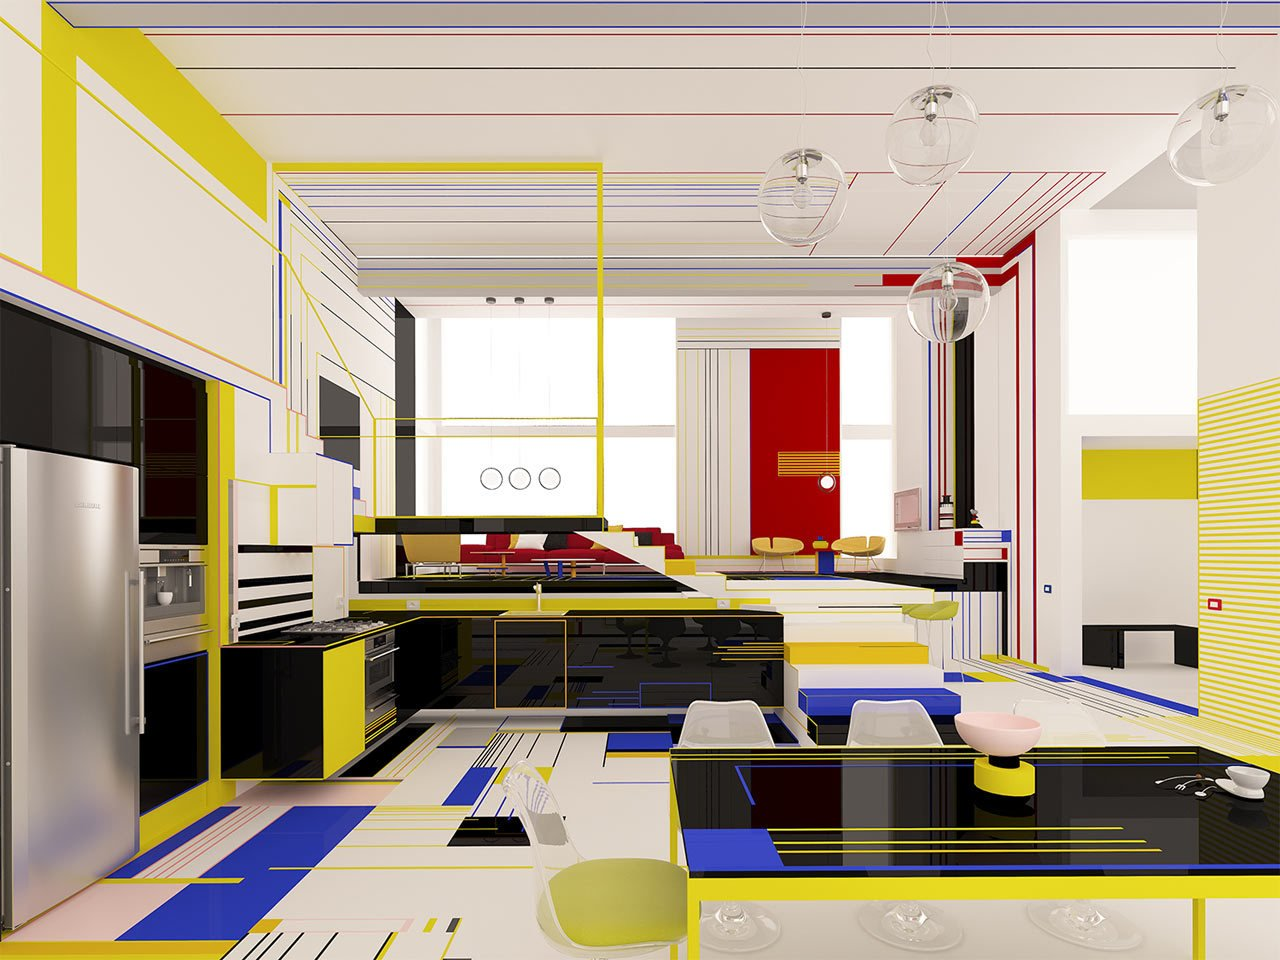 Mondrian apartment